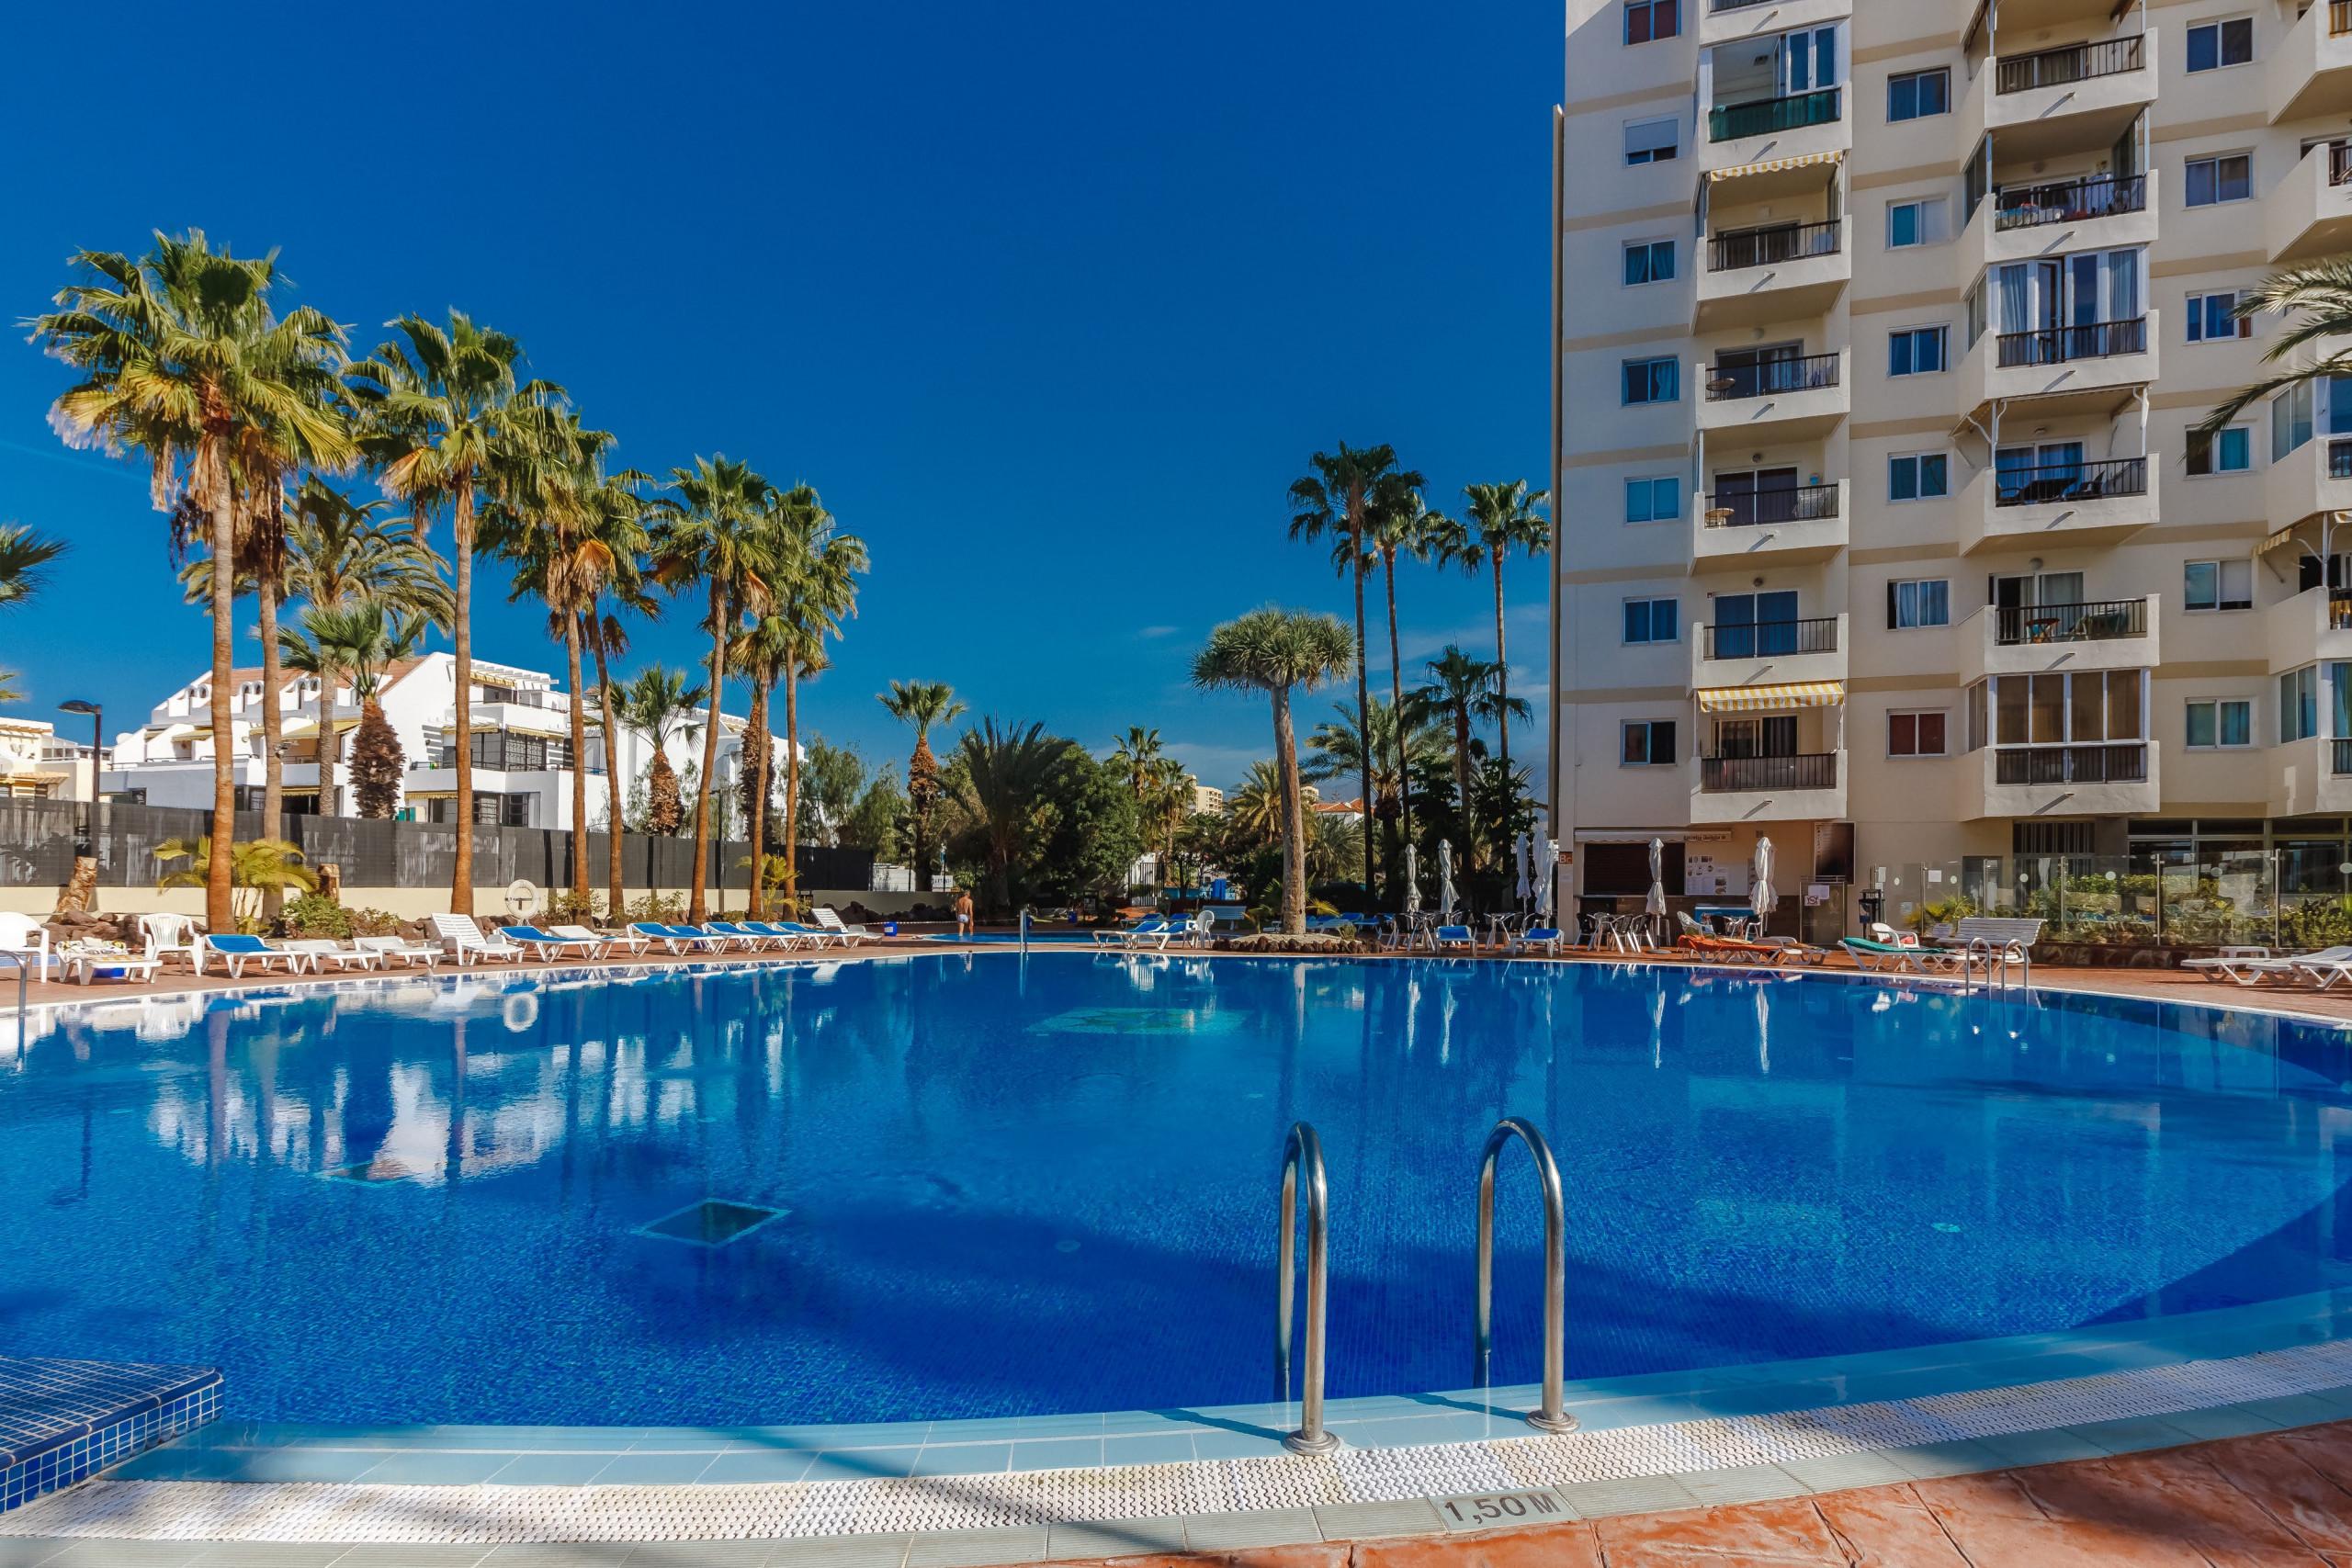 Apartamento en Playa de Las Americas - EL DORADO LAS AMERICAS 1A014